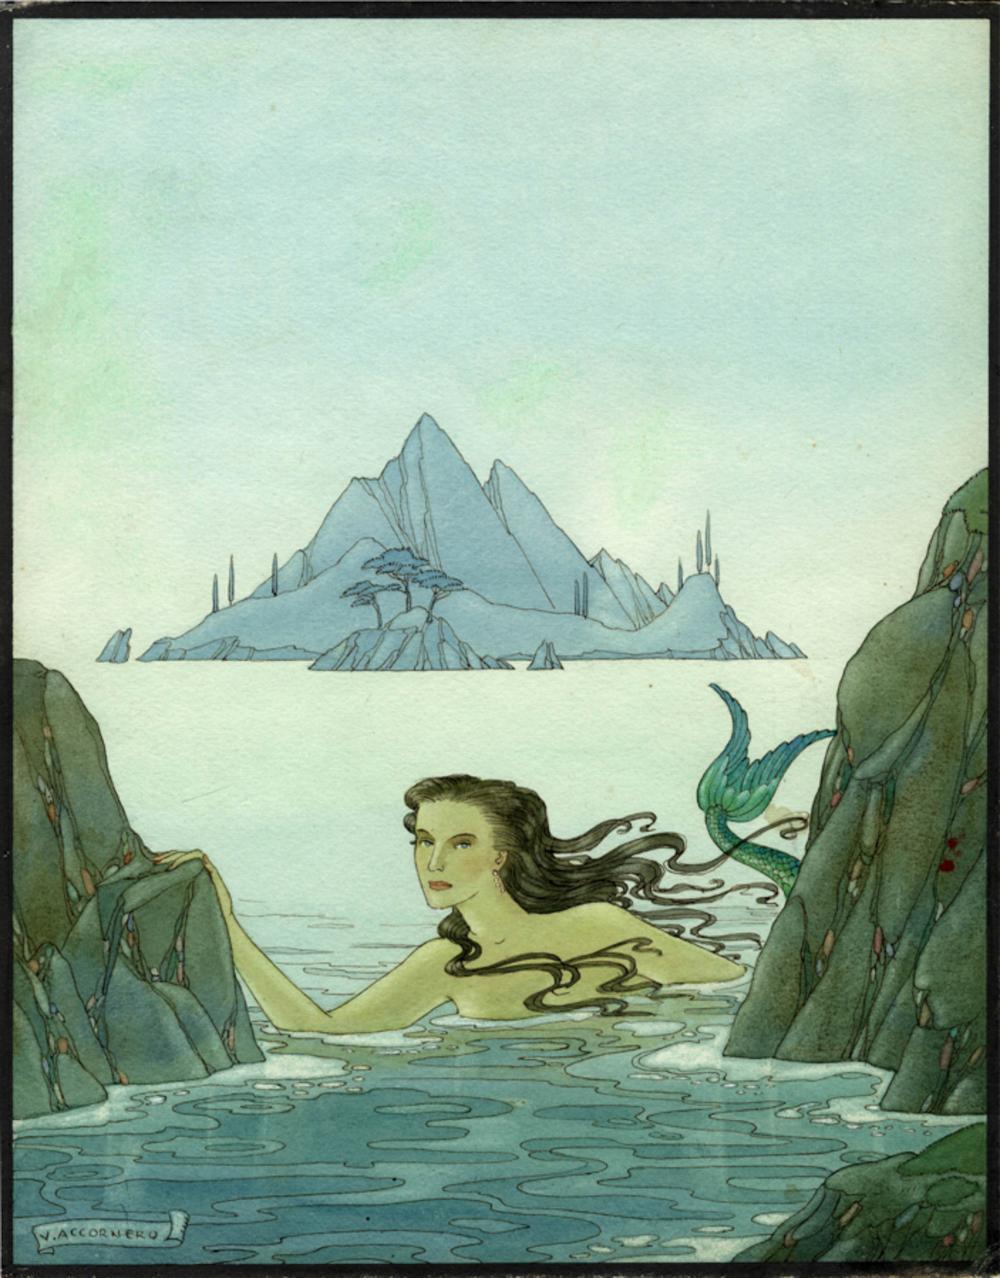 Ninon Victor Max [pseud. di Accornero Testa Vittorio], La sirena. Anni '30 del XX secolo.